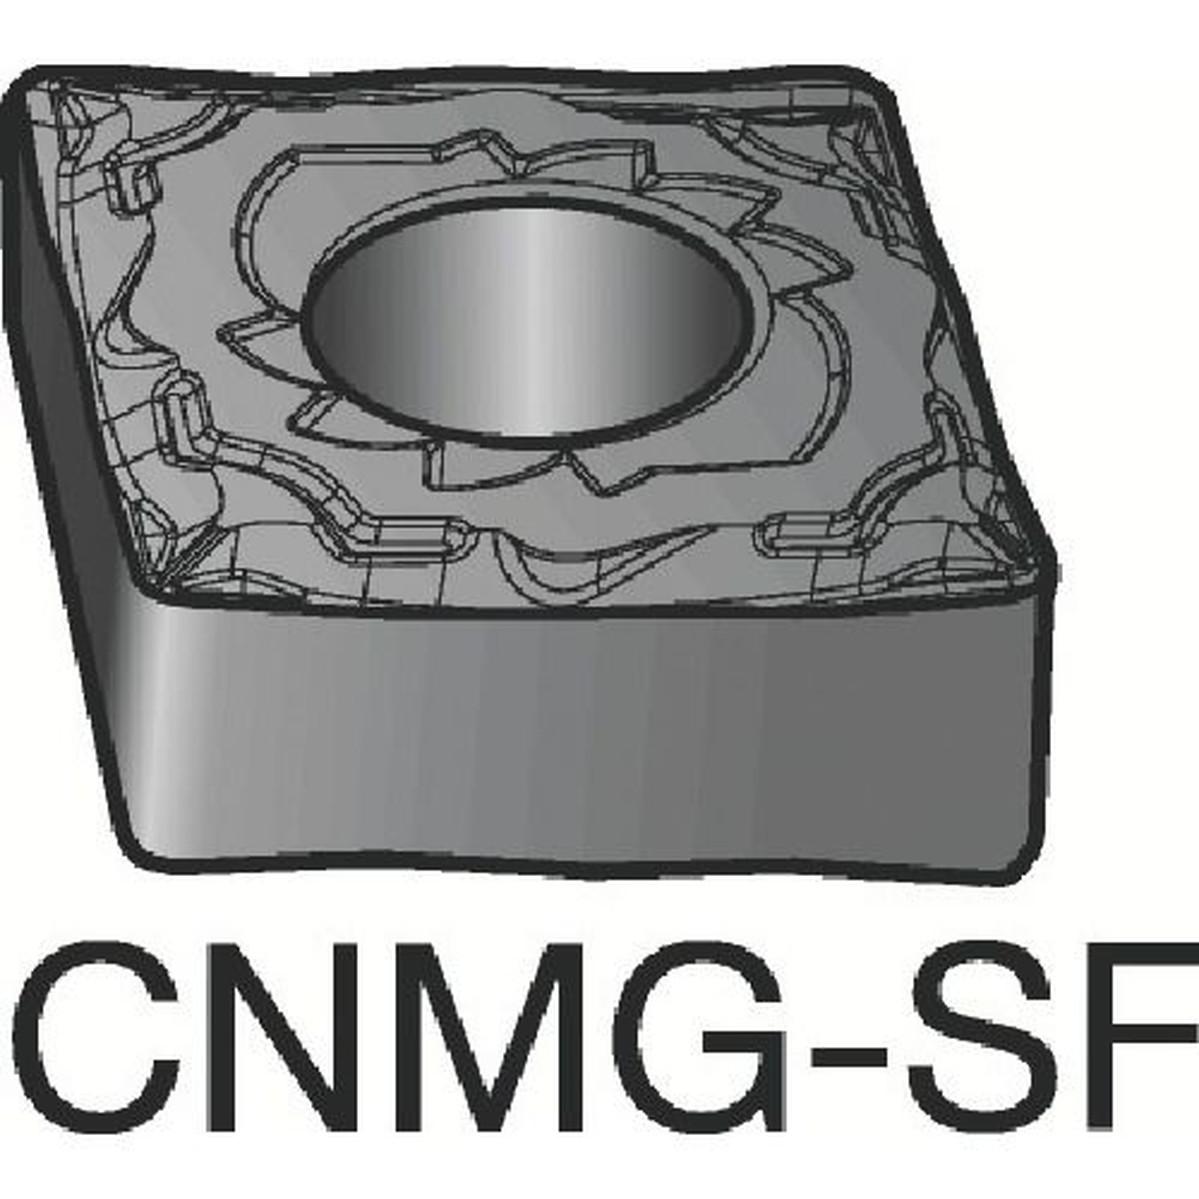 100%正規品 サンドビック T-Max T−Max S05F P 旋削用ネガ サンドビック・チップ S05F 10個, サントウグン:f37410b8 --- kventurepartners.sakura.ne.jp